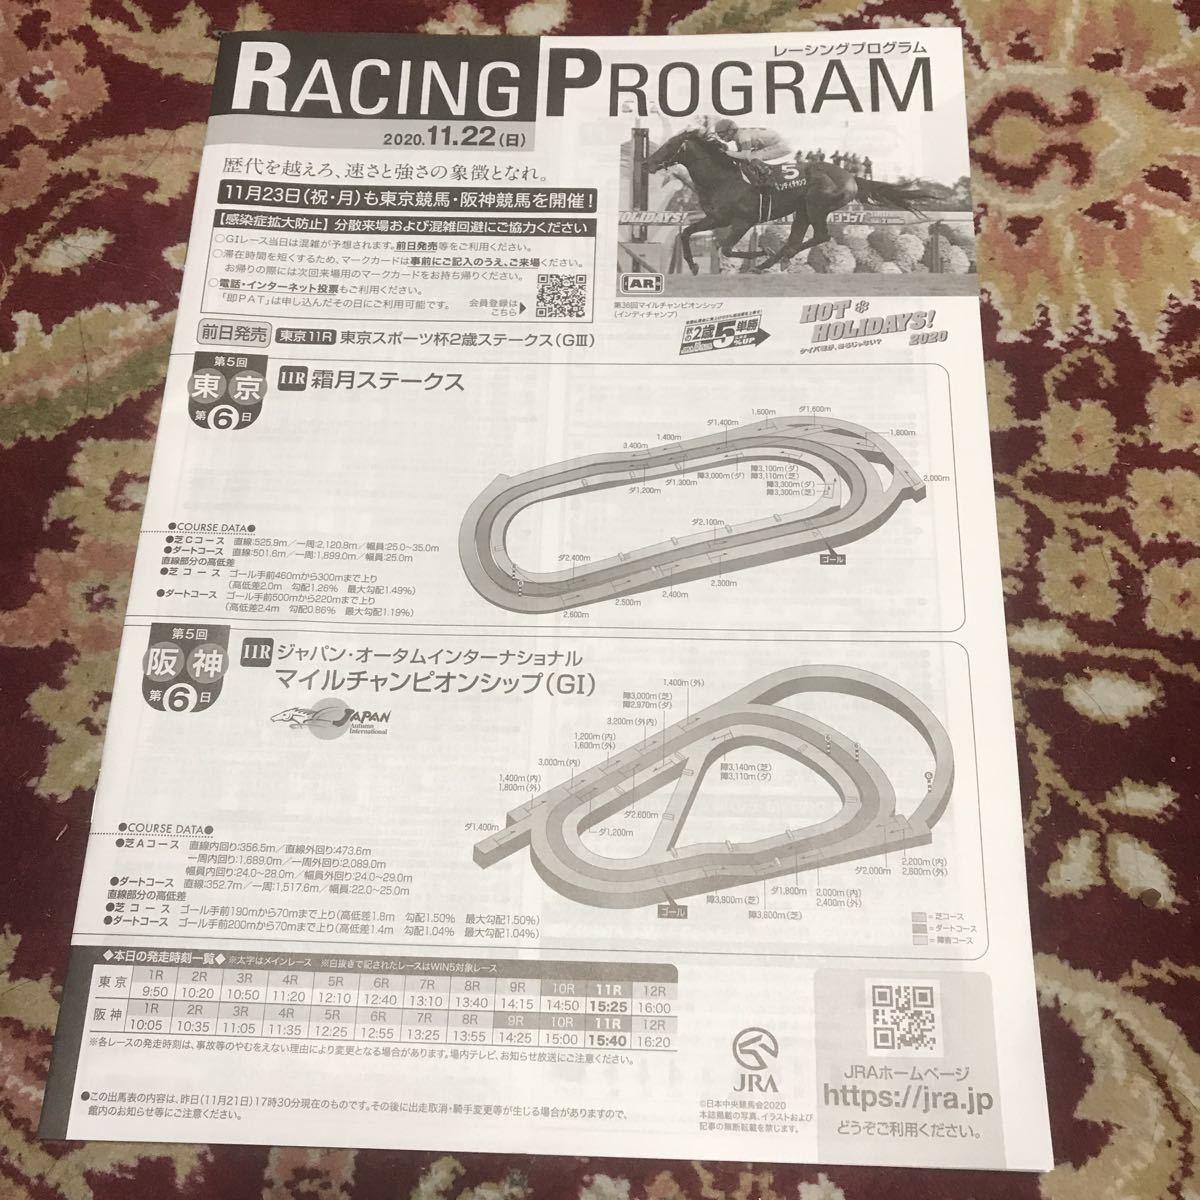 開催競馬場以外版JRAレーシングプログラム2020.11.22(日)マイルチャンピオンシップ(GⅠ)、霜月ステークス_画像1